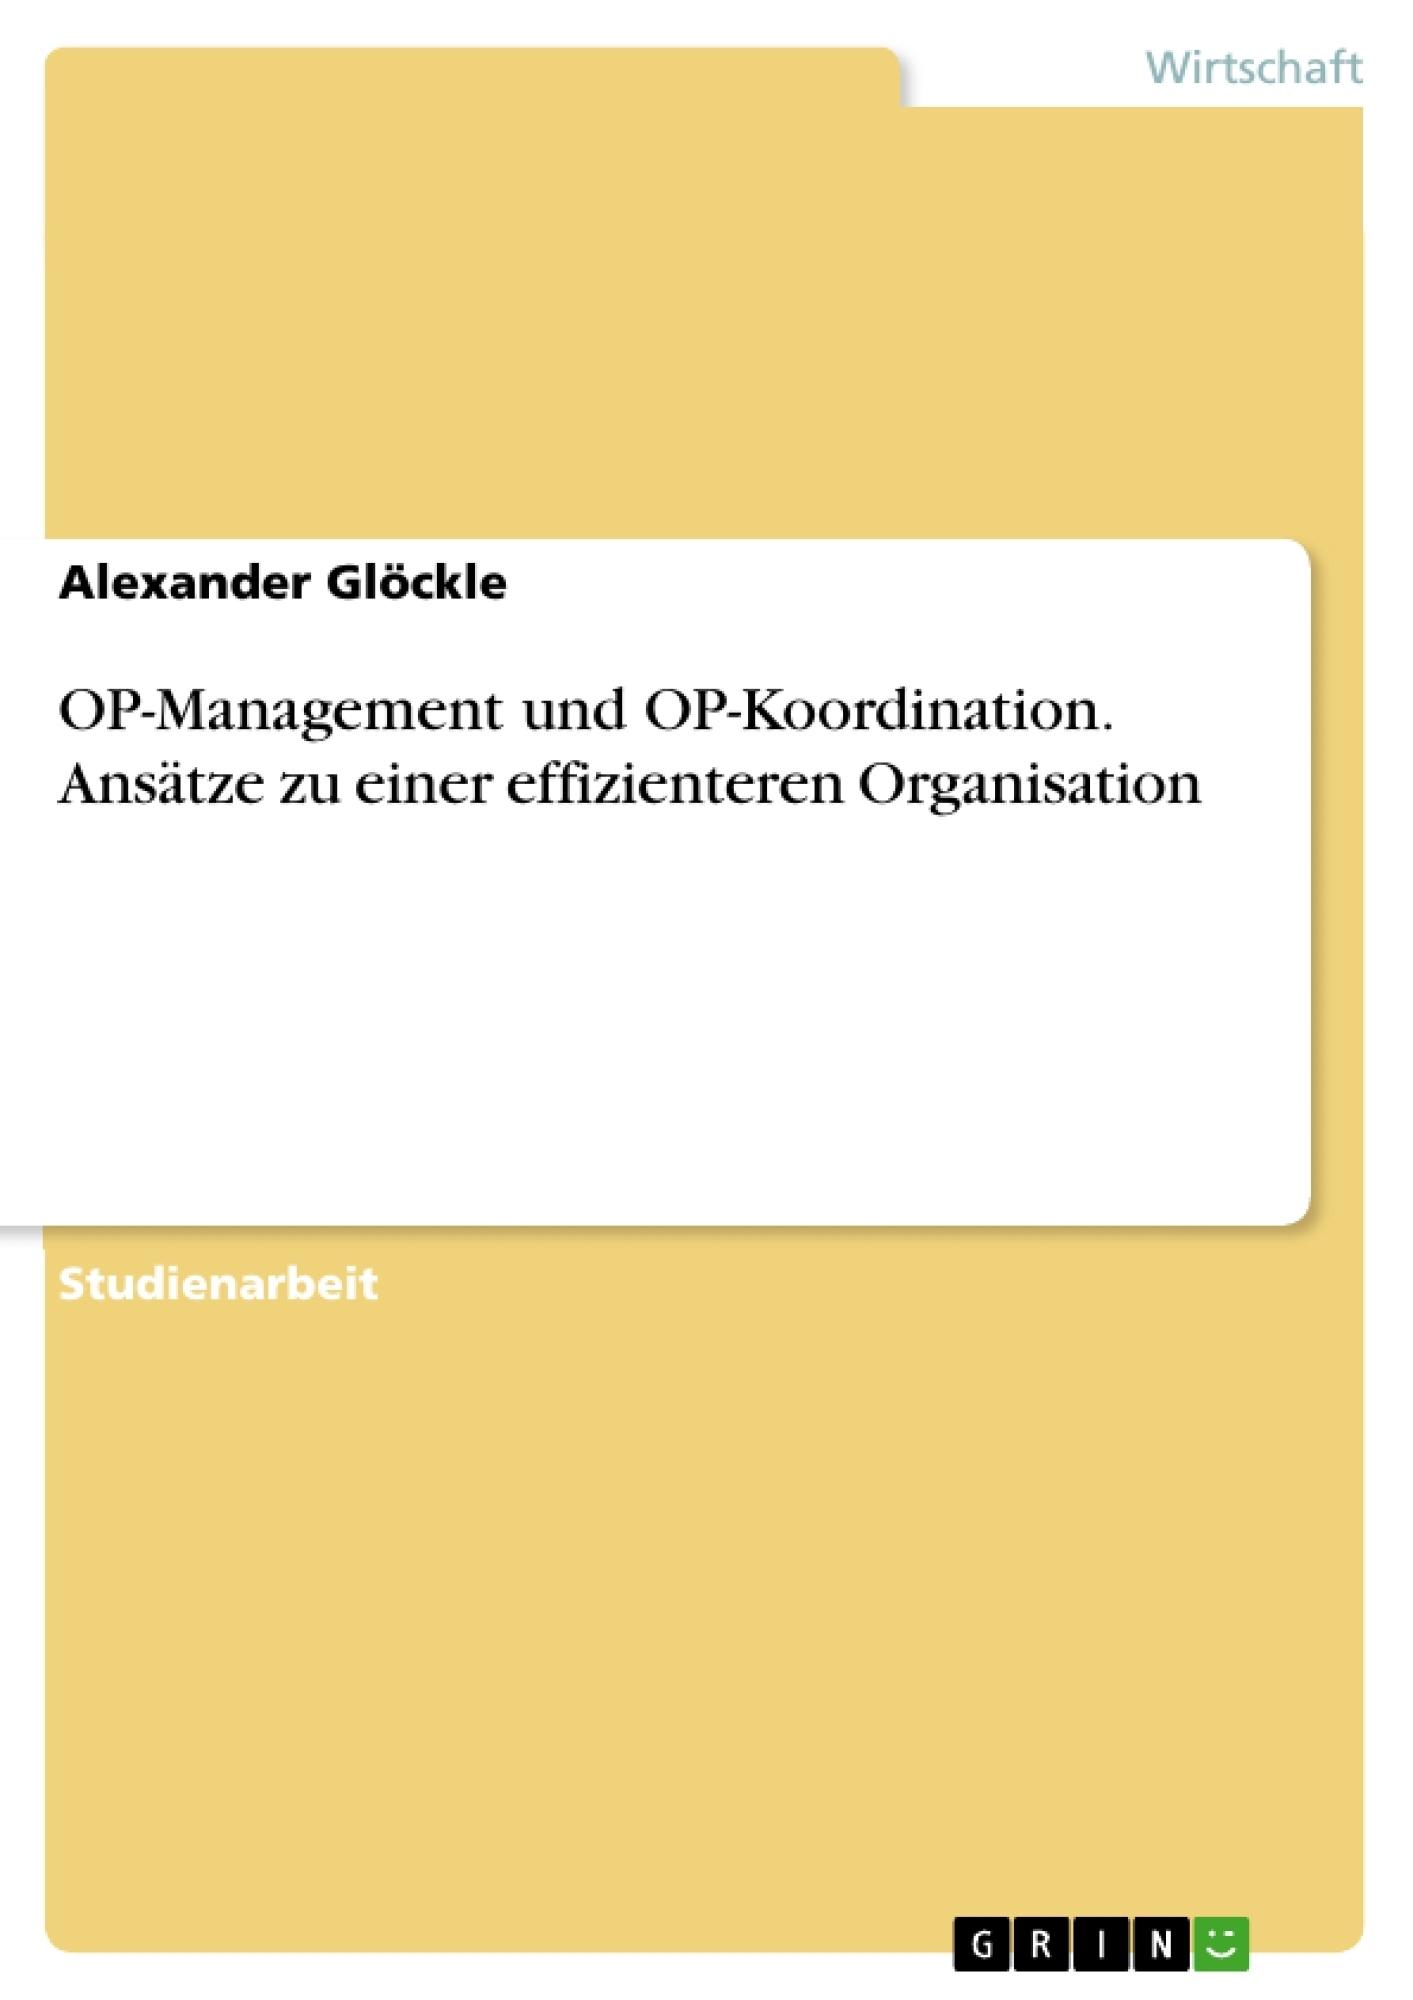 Titel: OP-Management und OP-Koordination. Ansätze zu einer effizienteren Organisation